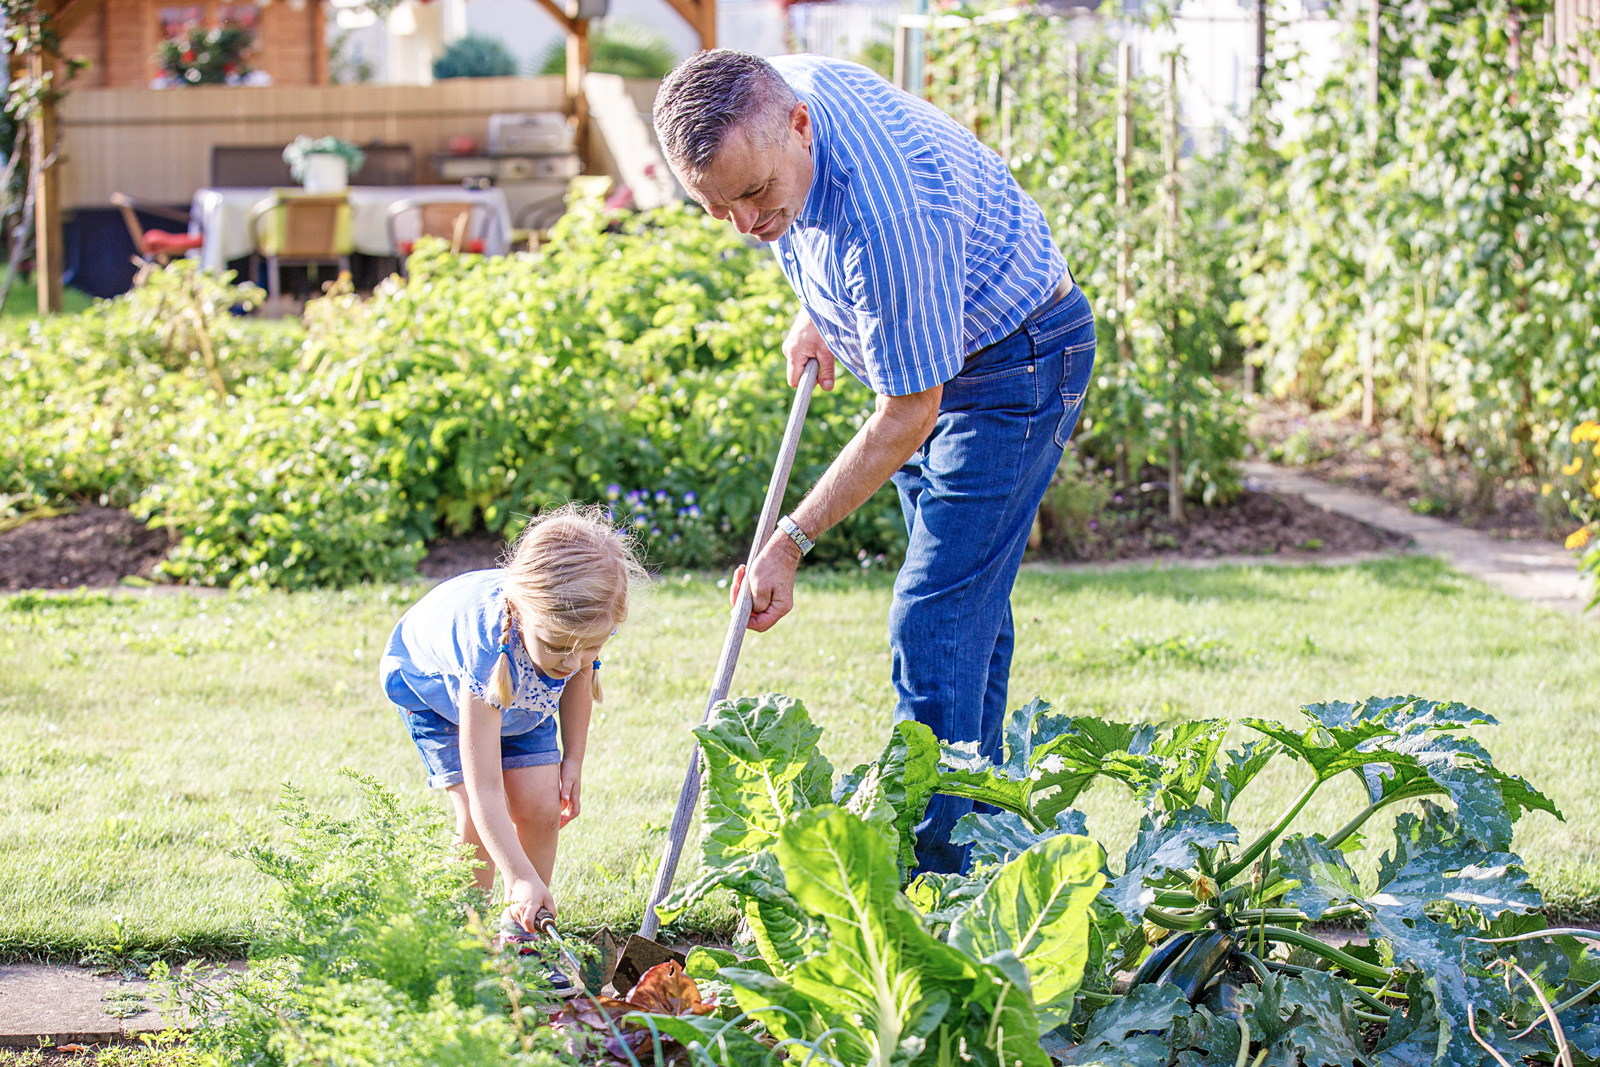 Gartenschule daheim: Bei der Gartenarbeit lernen Kinder viel über die Natur und unsere Lebensmittel.